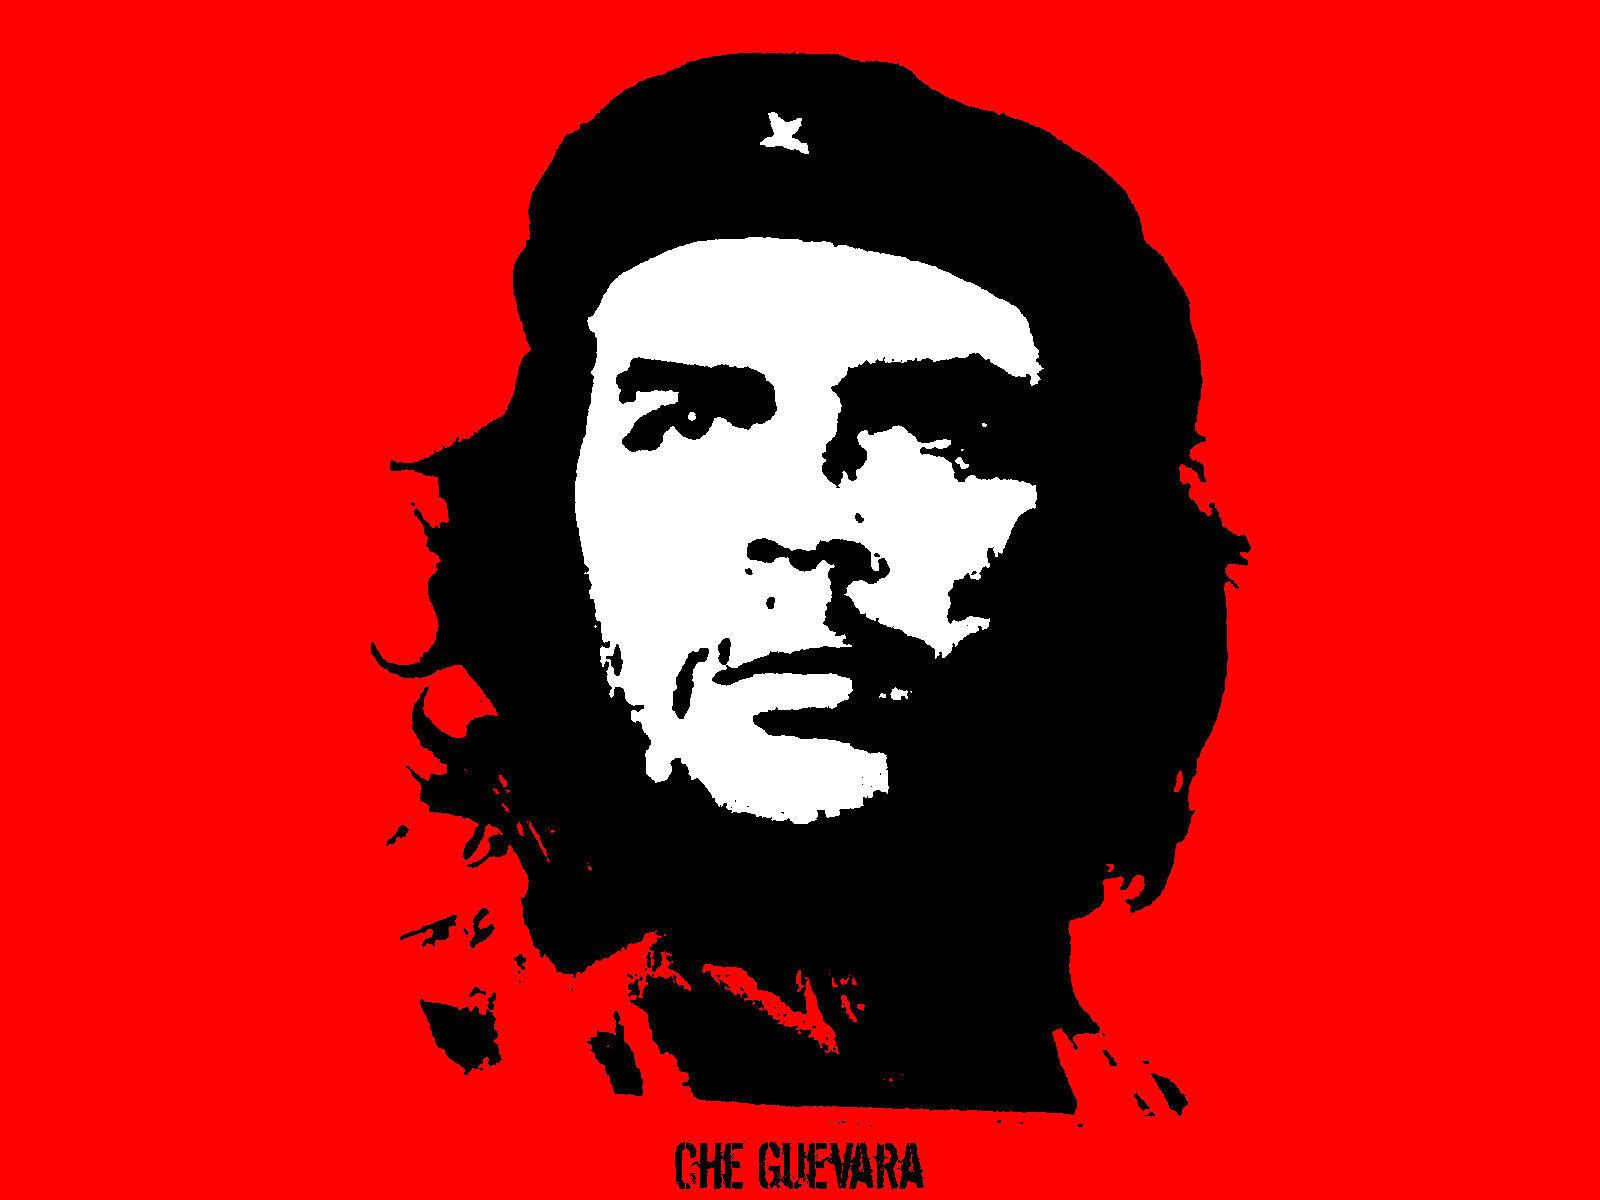 Dejando a un lado opiniones generales, ¿crees que el comunismo ha hecho cosas buenas?